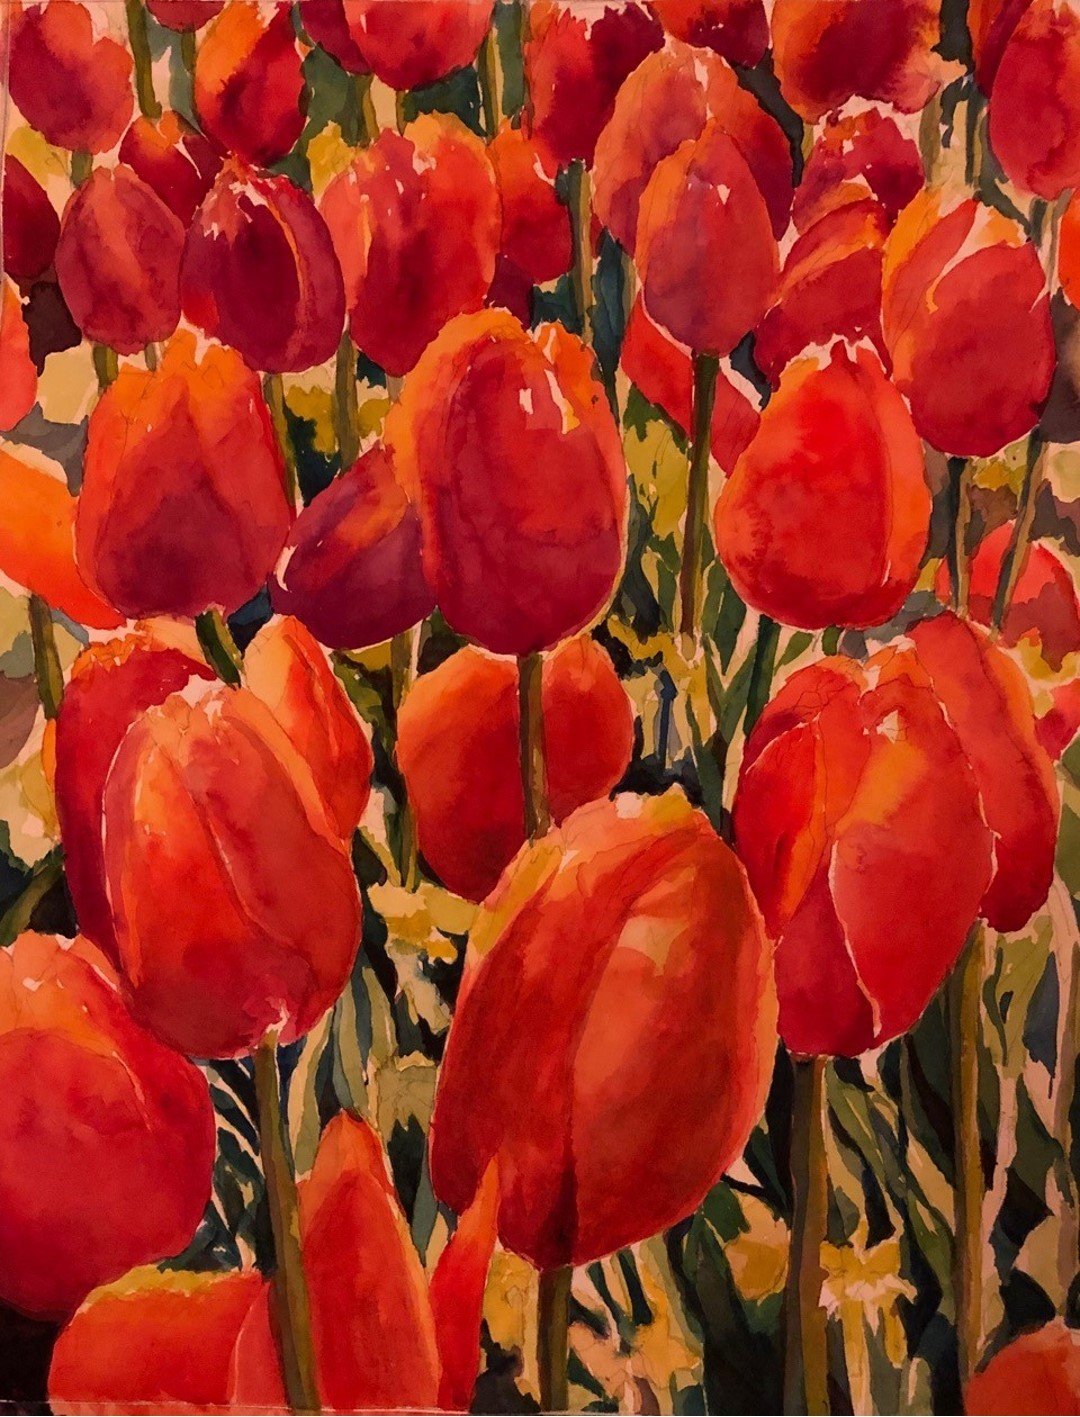 Toni Tui's Red Tulips